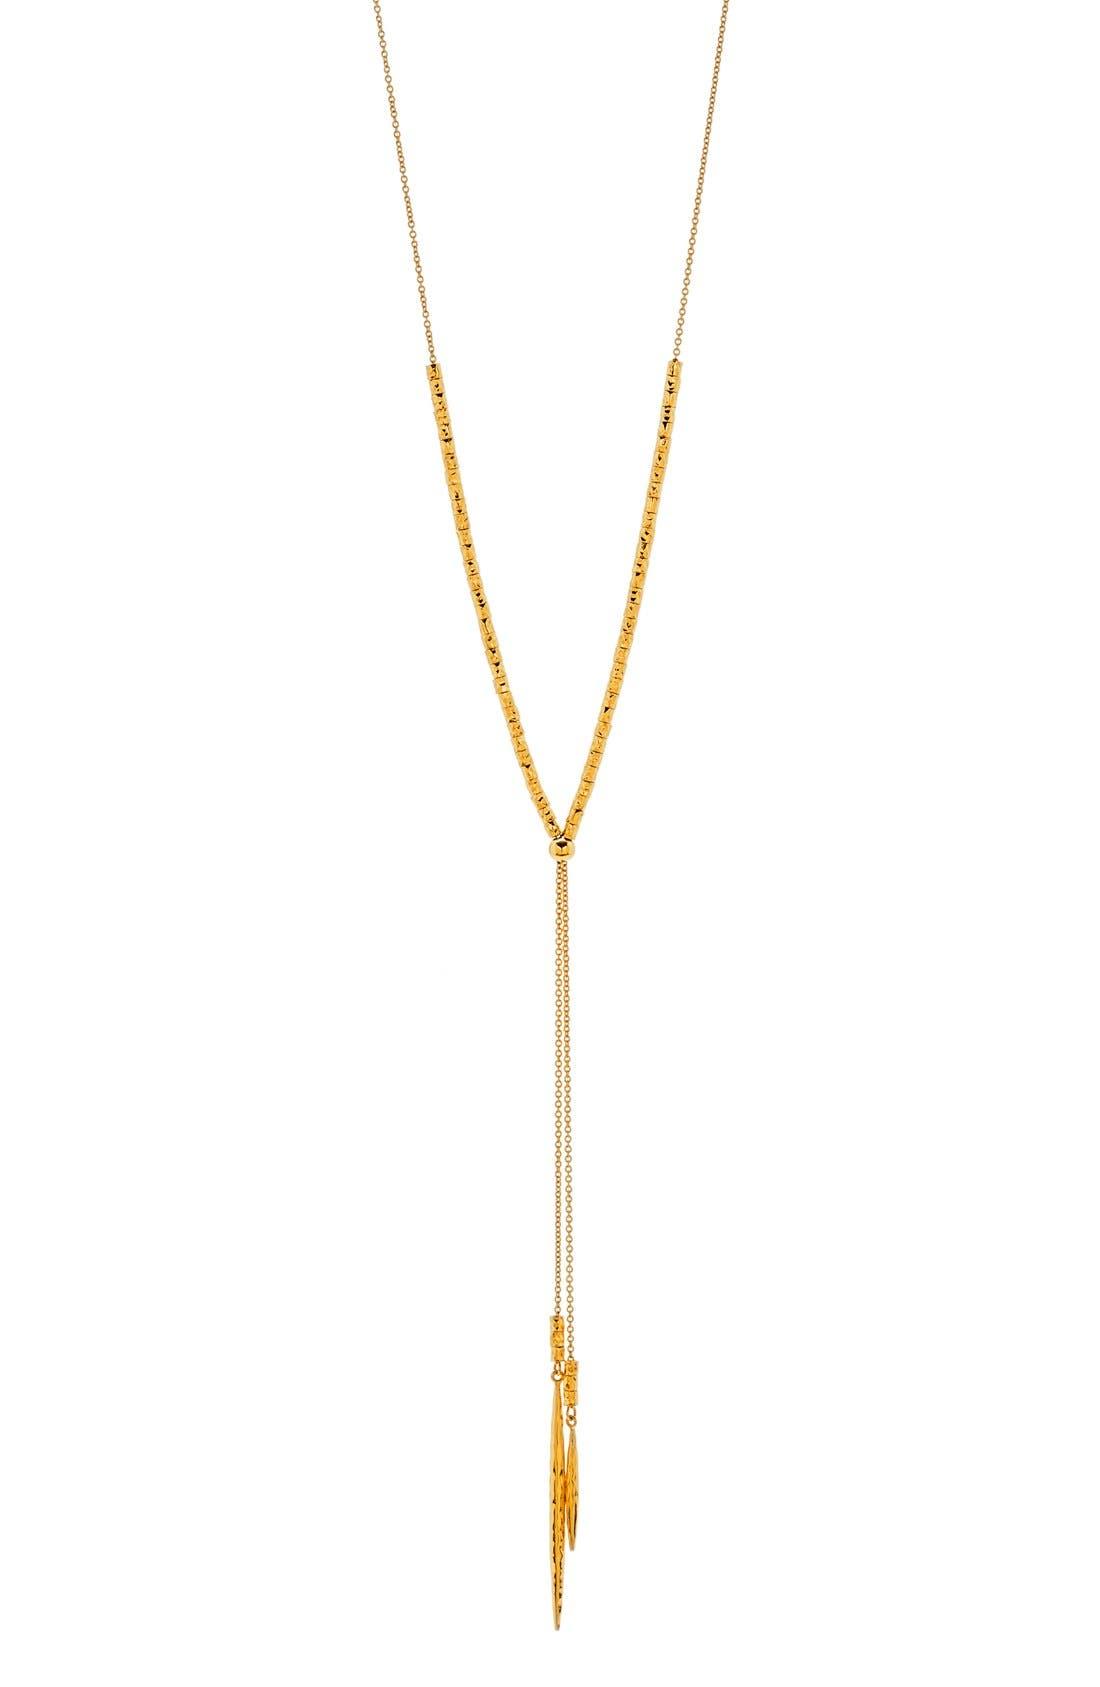 Main Image - gorjana Laguna Adjustable Lariat Necklace